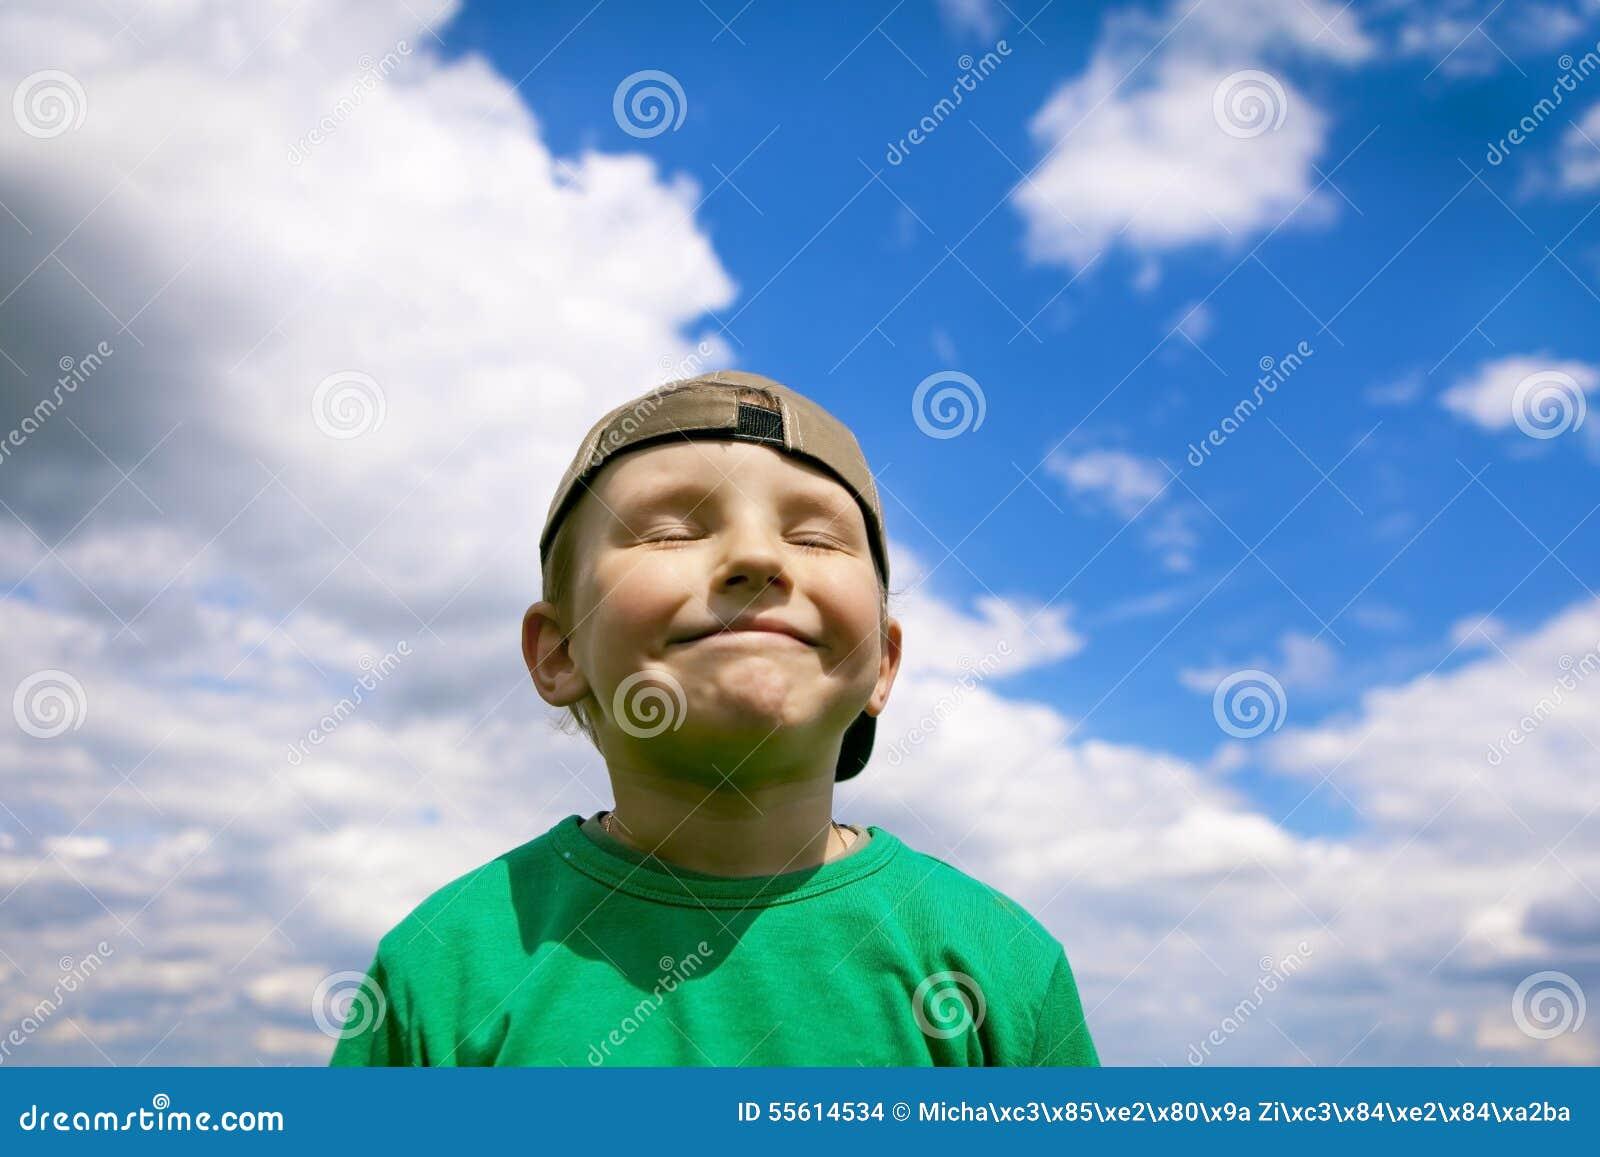 Ξένοιαστο, χαμογελώντας αγόρι στο μπλε ουρανό και λευκά σύννεφα Υπερήφανος και ευτυχής με τον, μια γοητεία λίγο σκανταλιάρικο παι